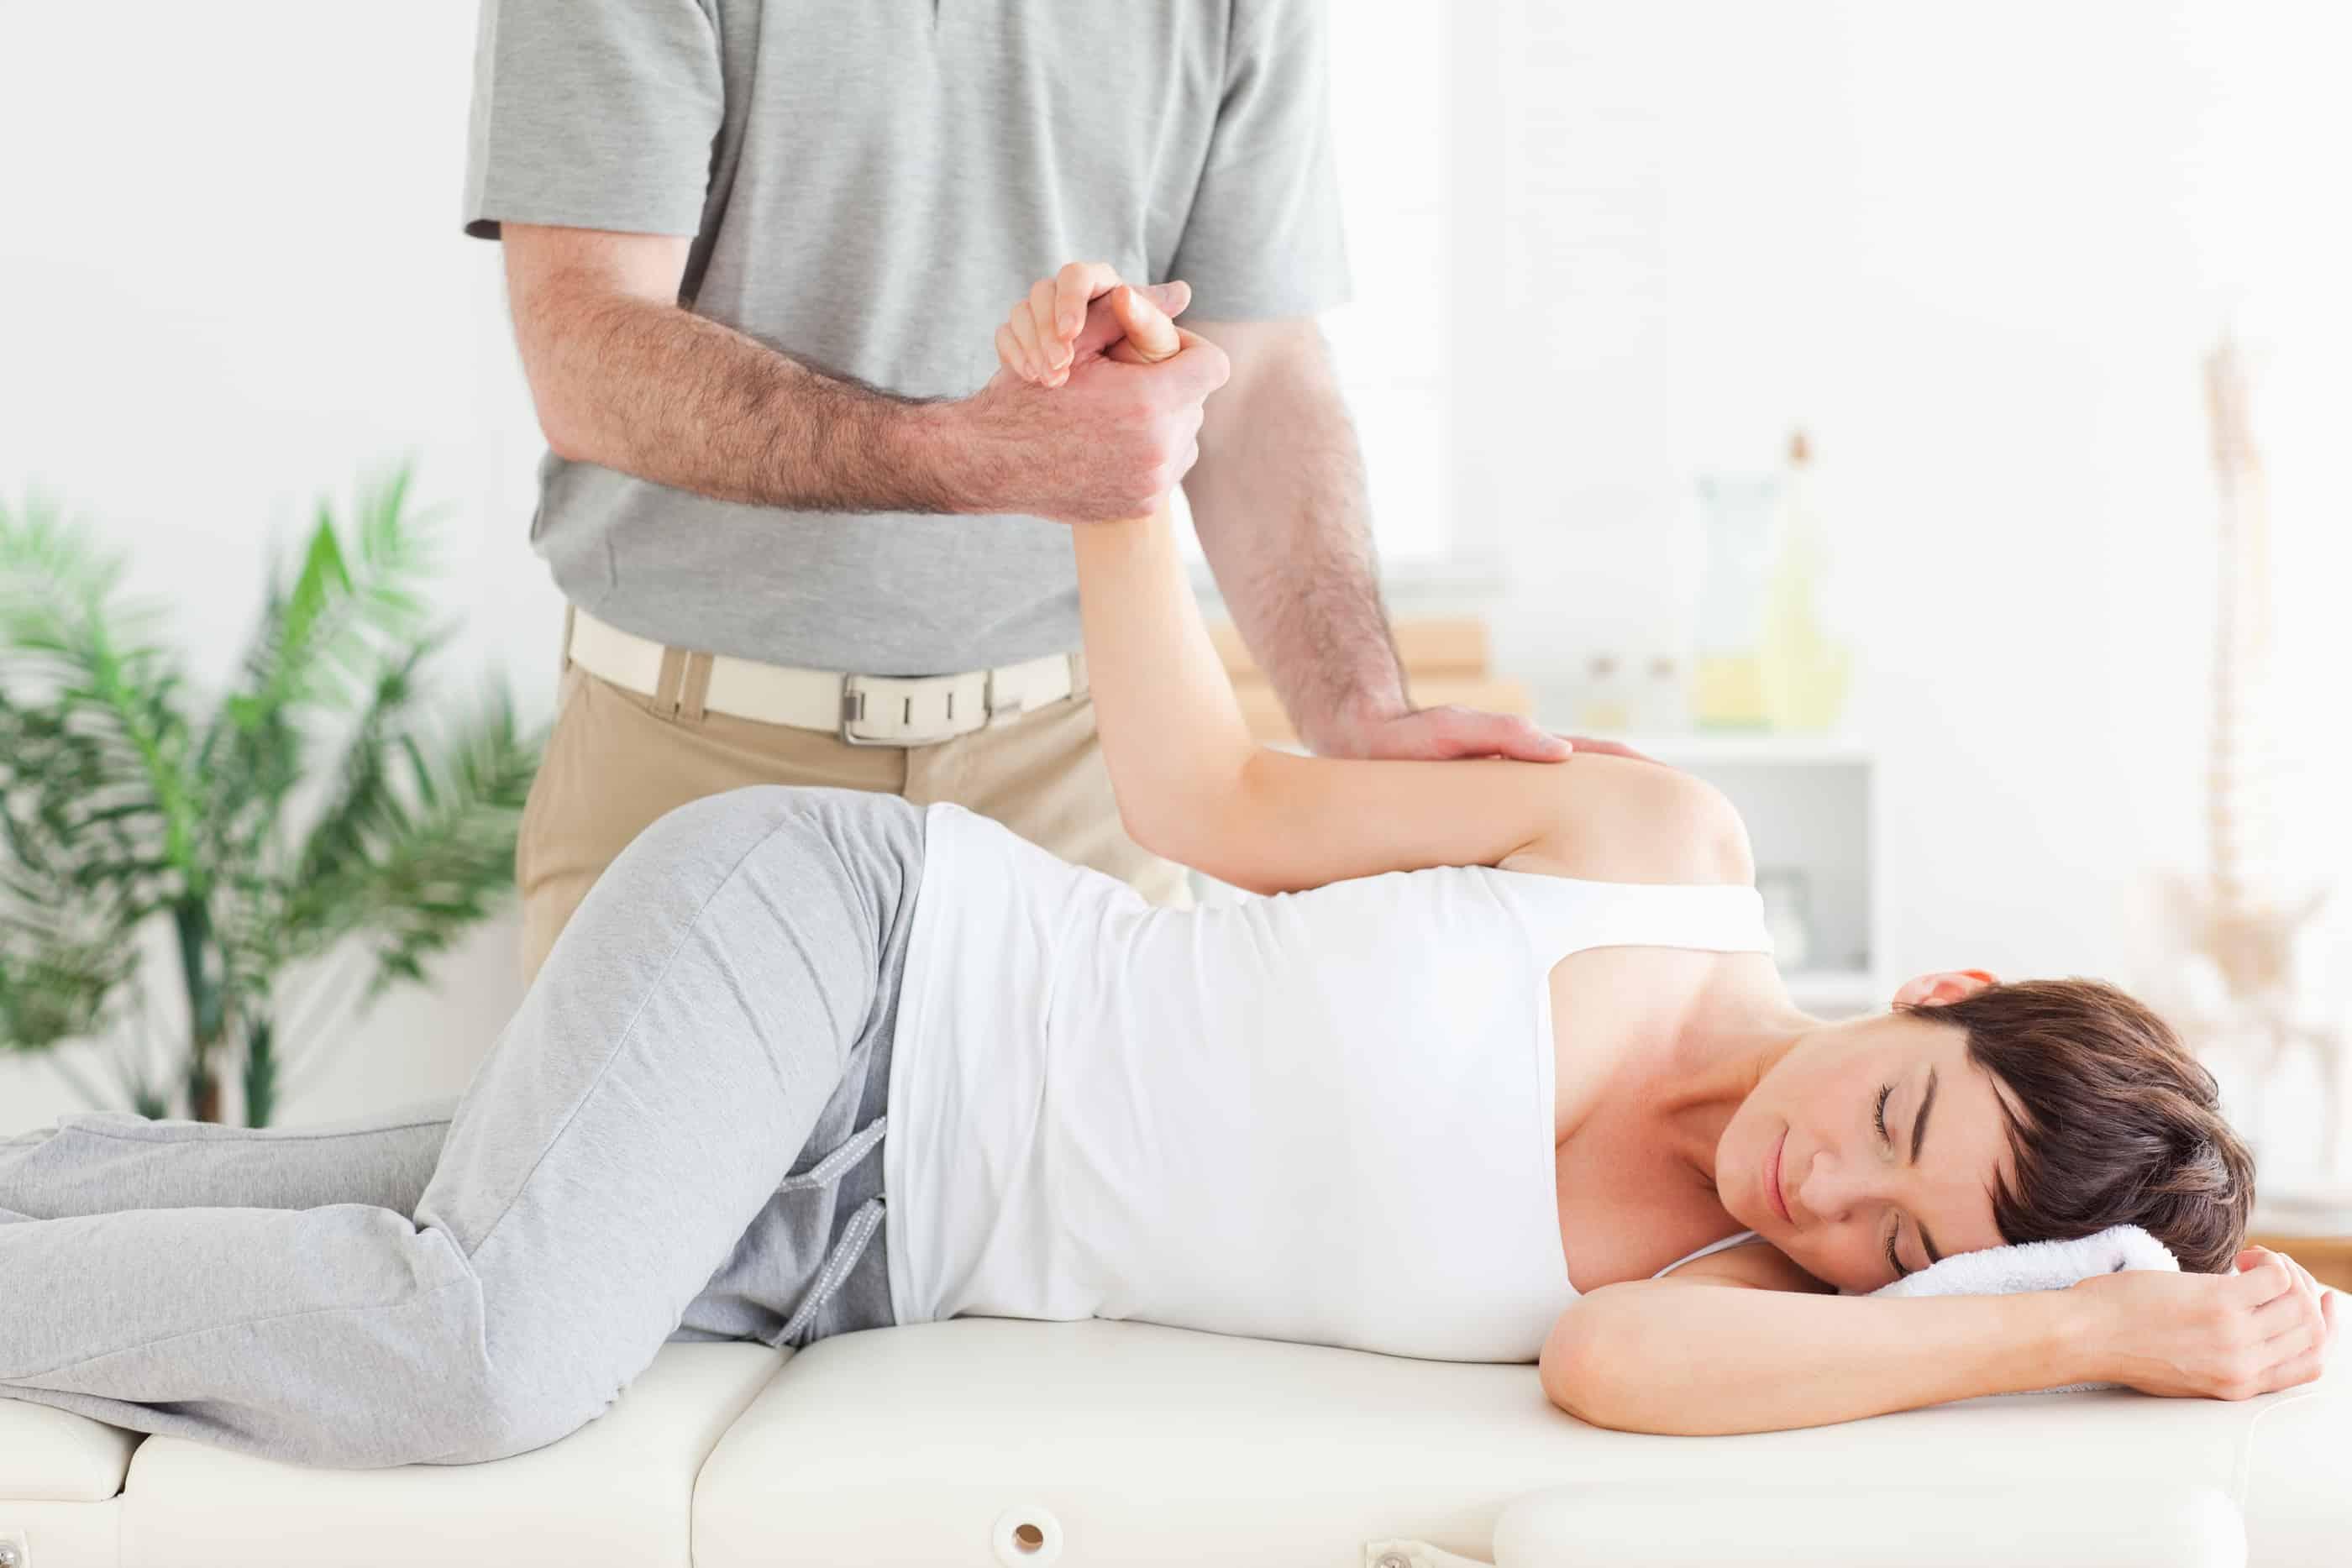 Règles douloureuses et ostéopathie